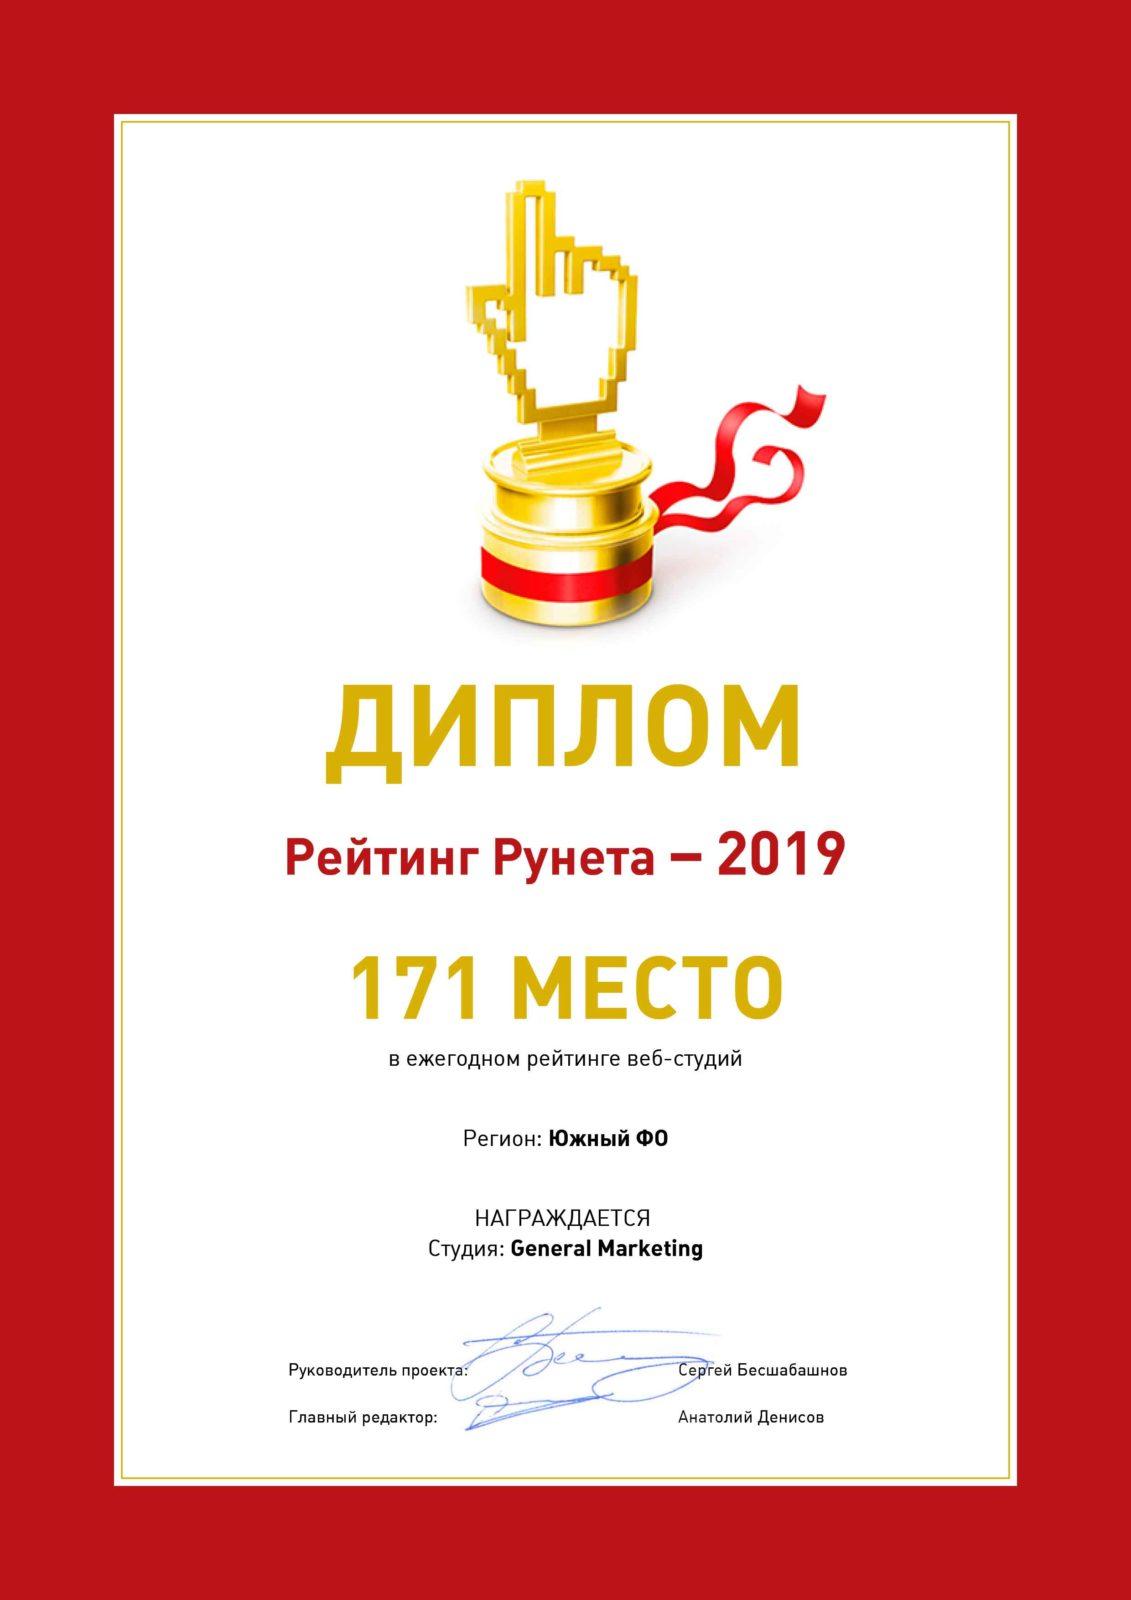 Диплом 171 место в рейтинге веб-студий ЮФО 2019